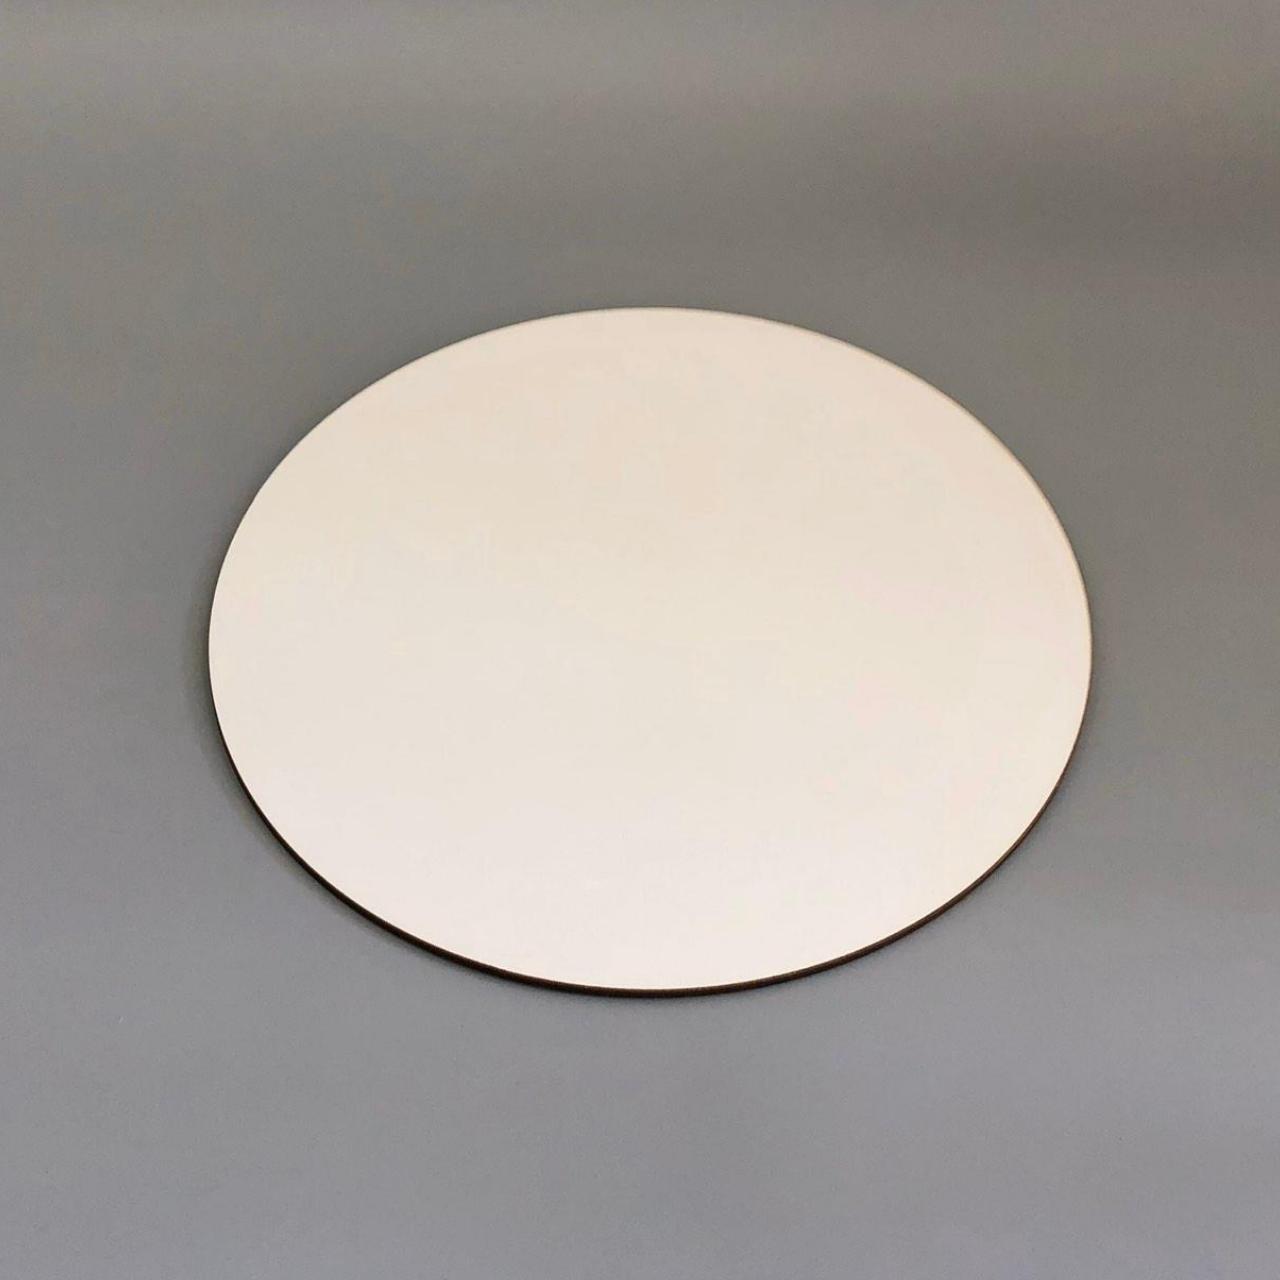 Посилена підложка під торт ∅-100 мм, біла - ДВП 3 мм